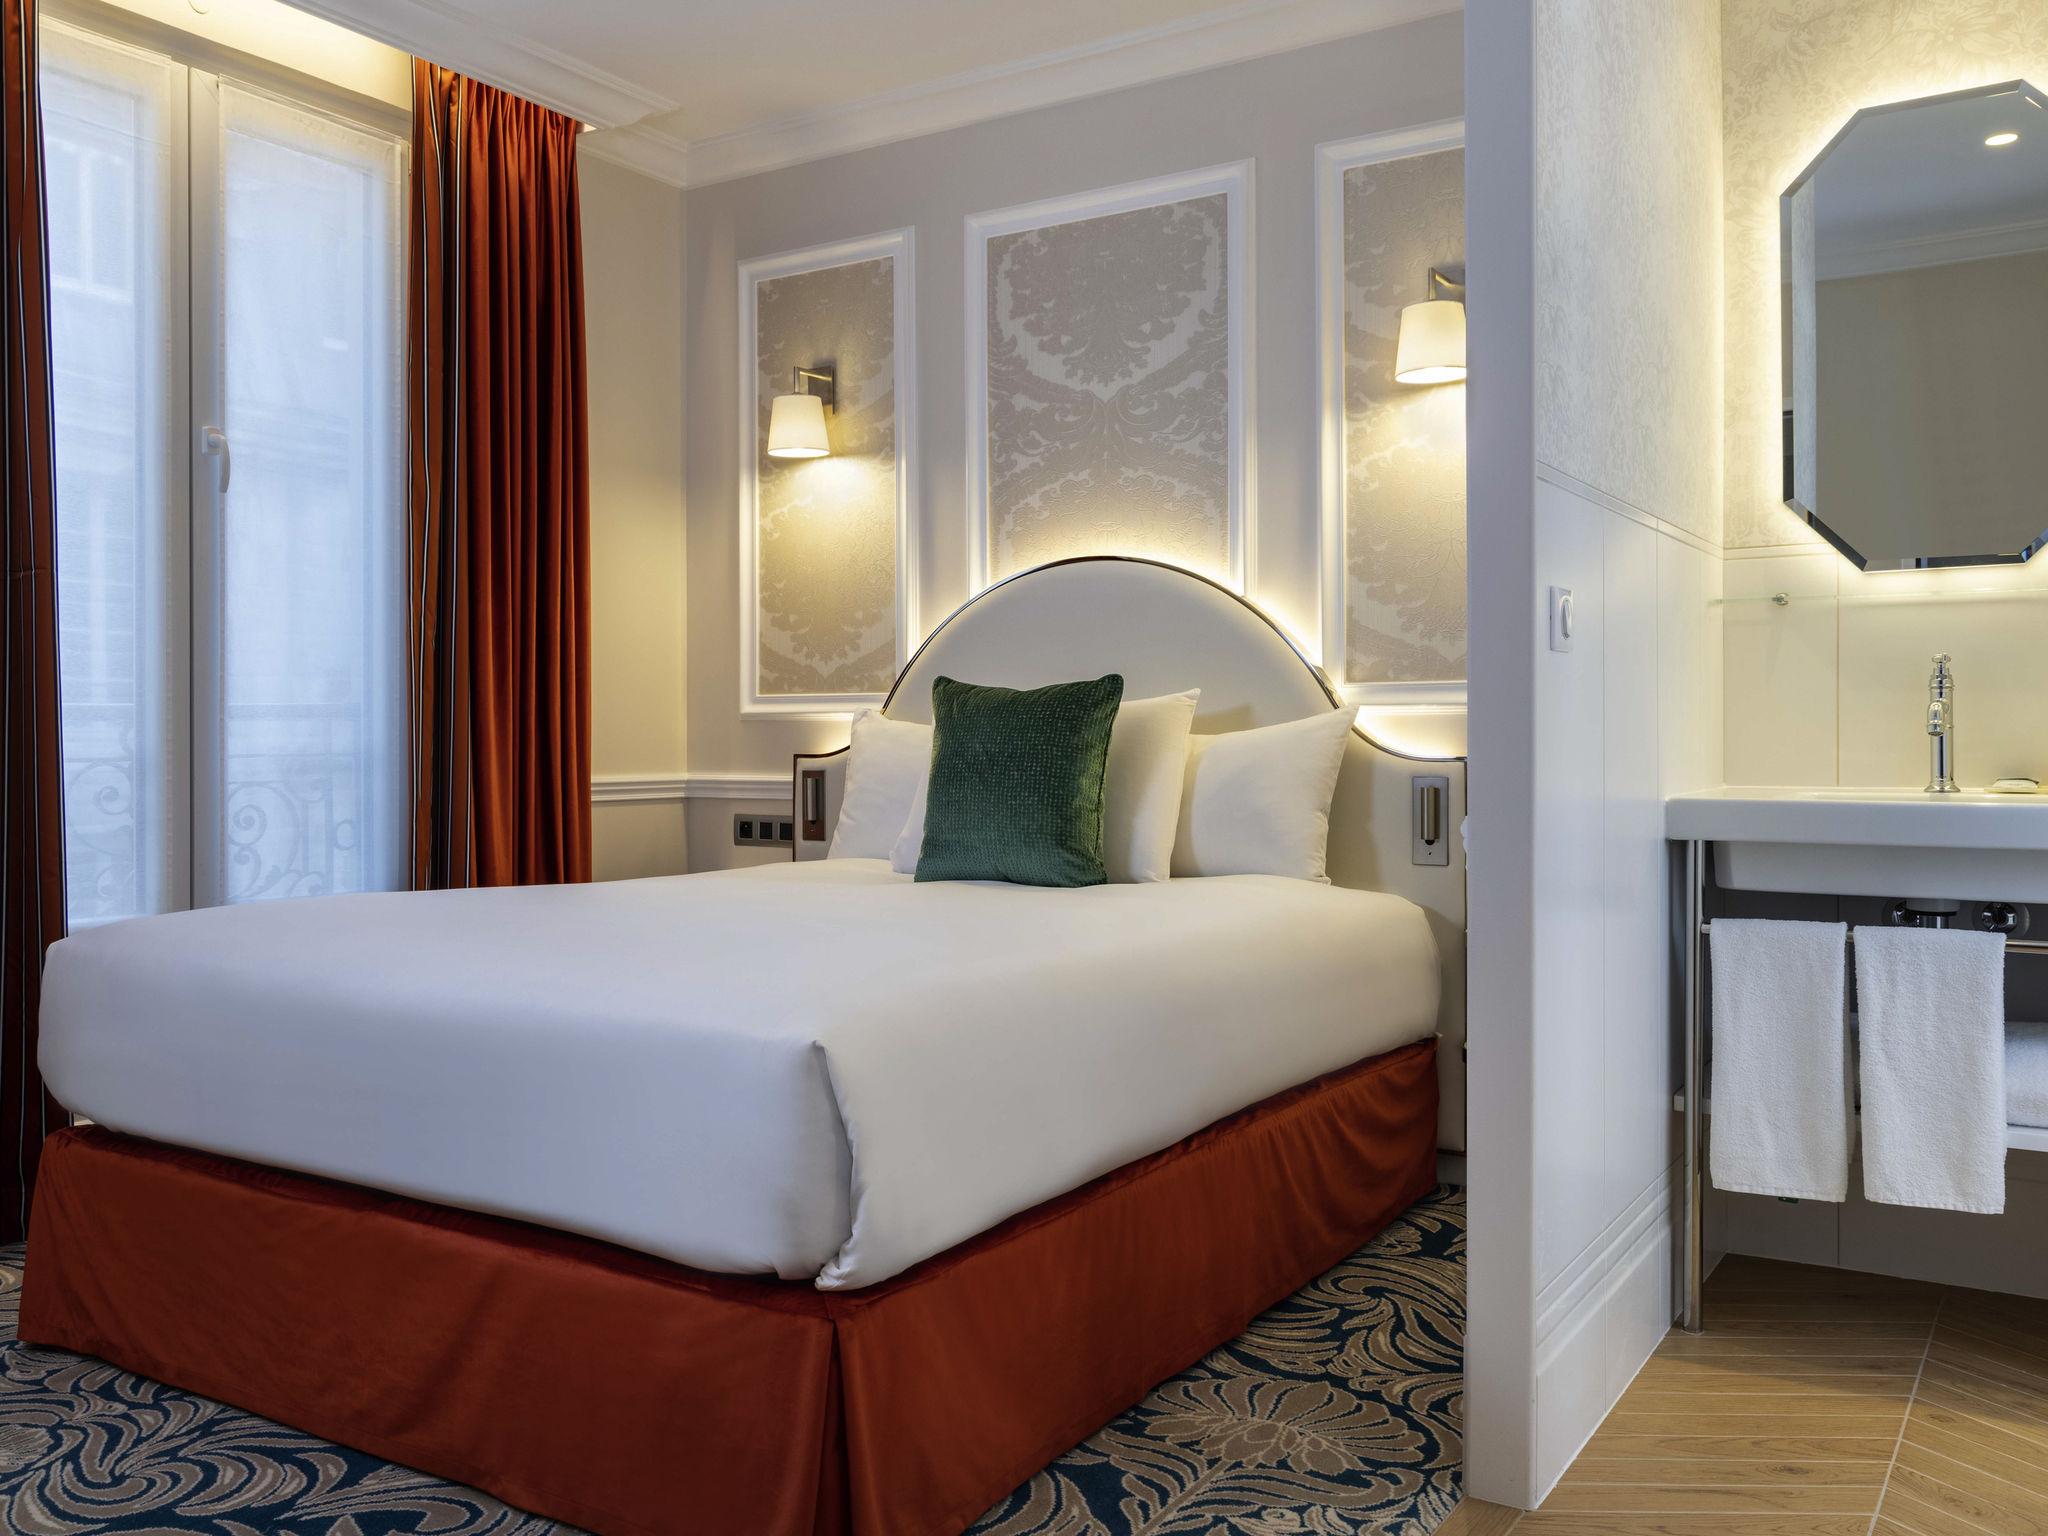 호텔 – 머큐어 파리 라 소르본